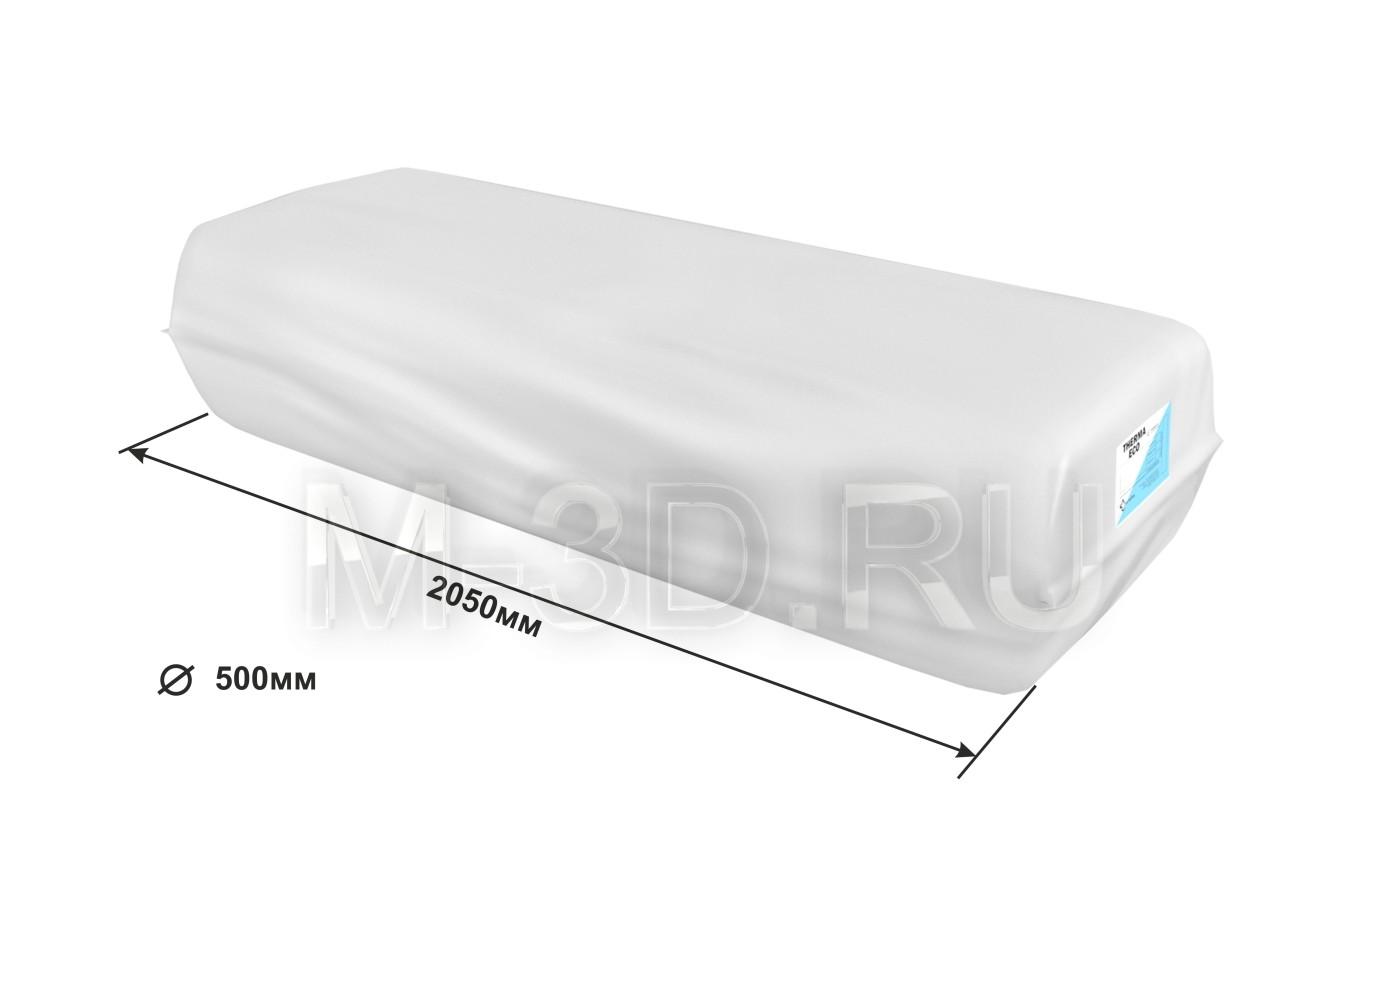 упаковка картонная для теплоизоляции полиэтиленовая